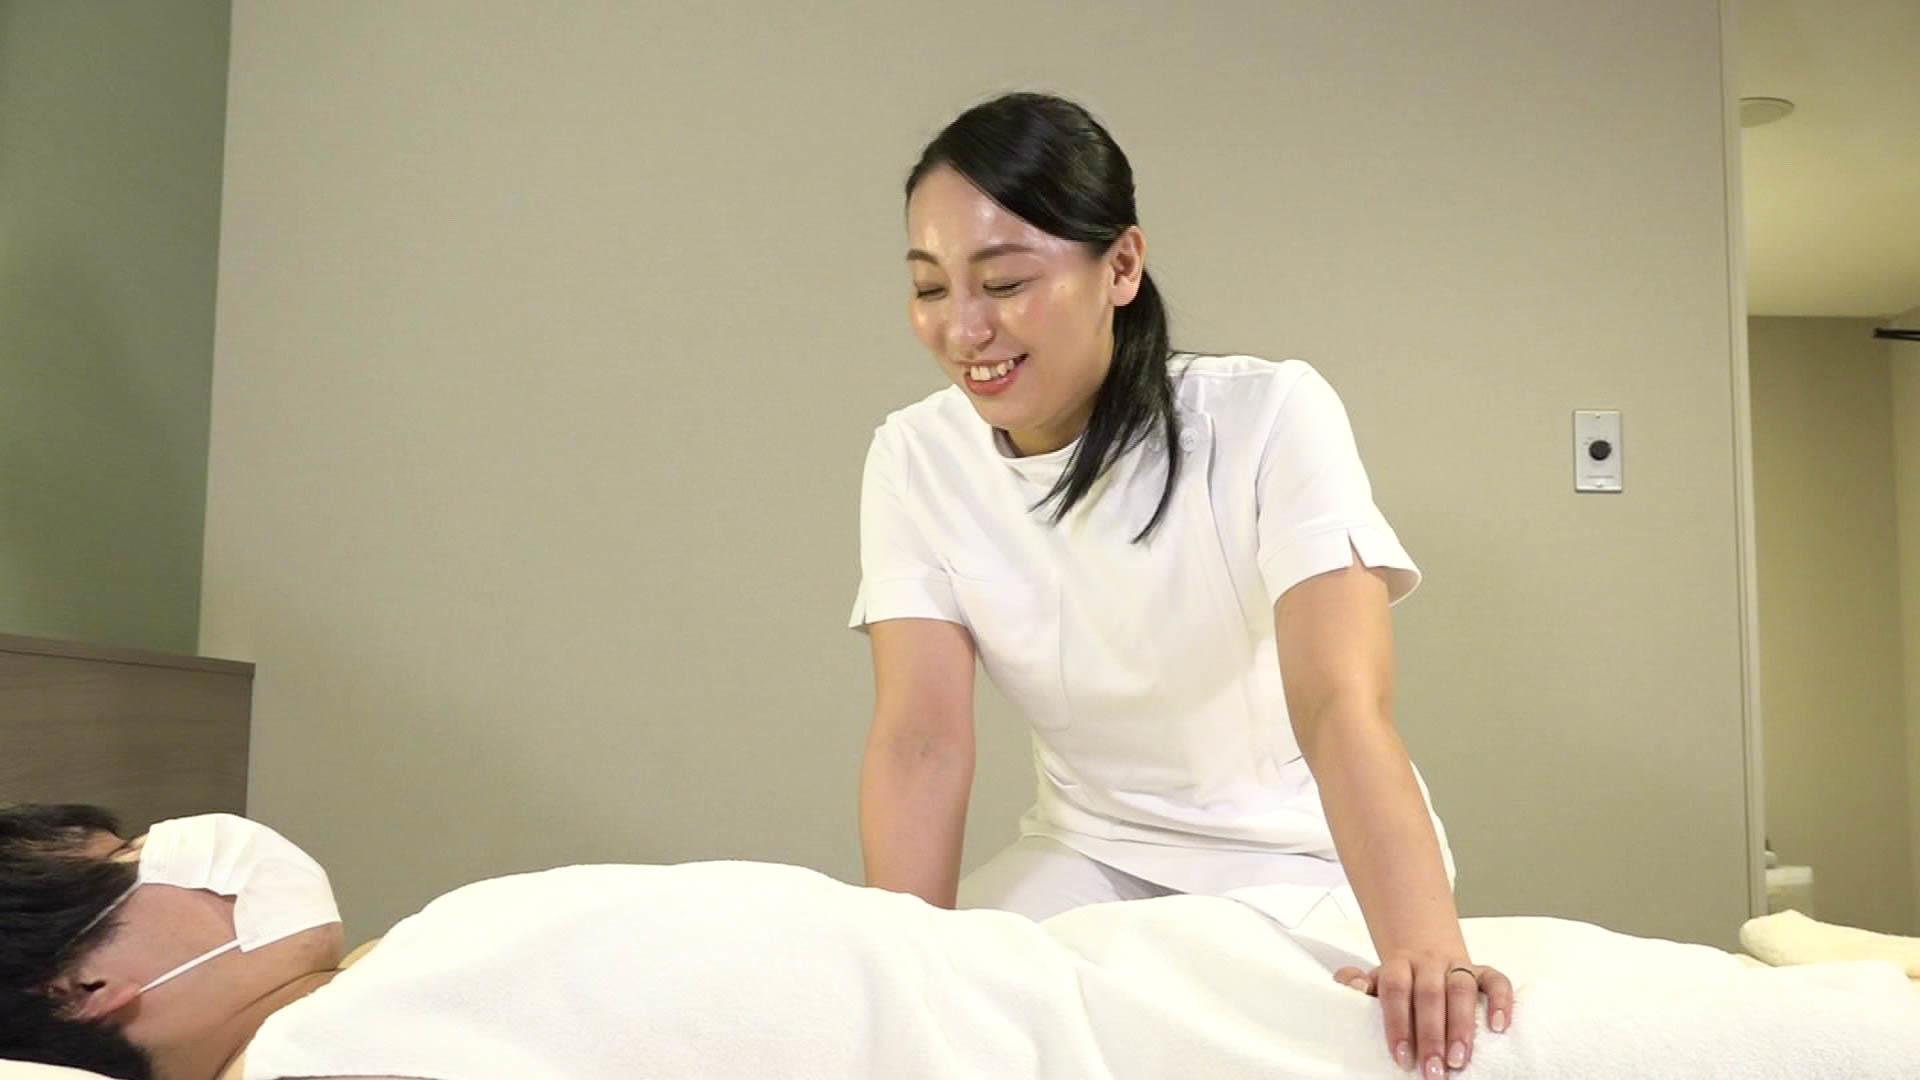 ビジネスホテルの女性マッサージ師は抜いてくれるのか?(10)~フェロモン全開のデカ尻人妻・田所さん